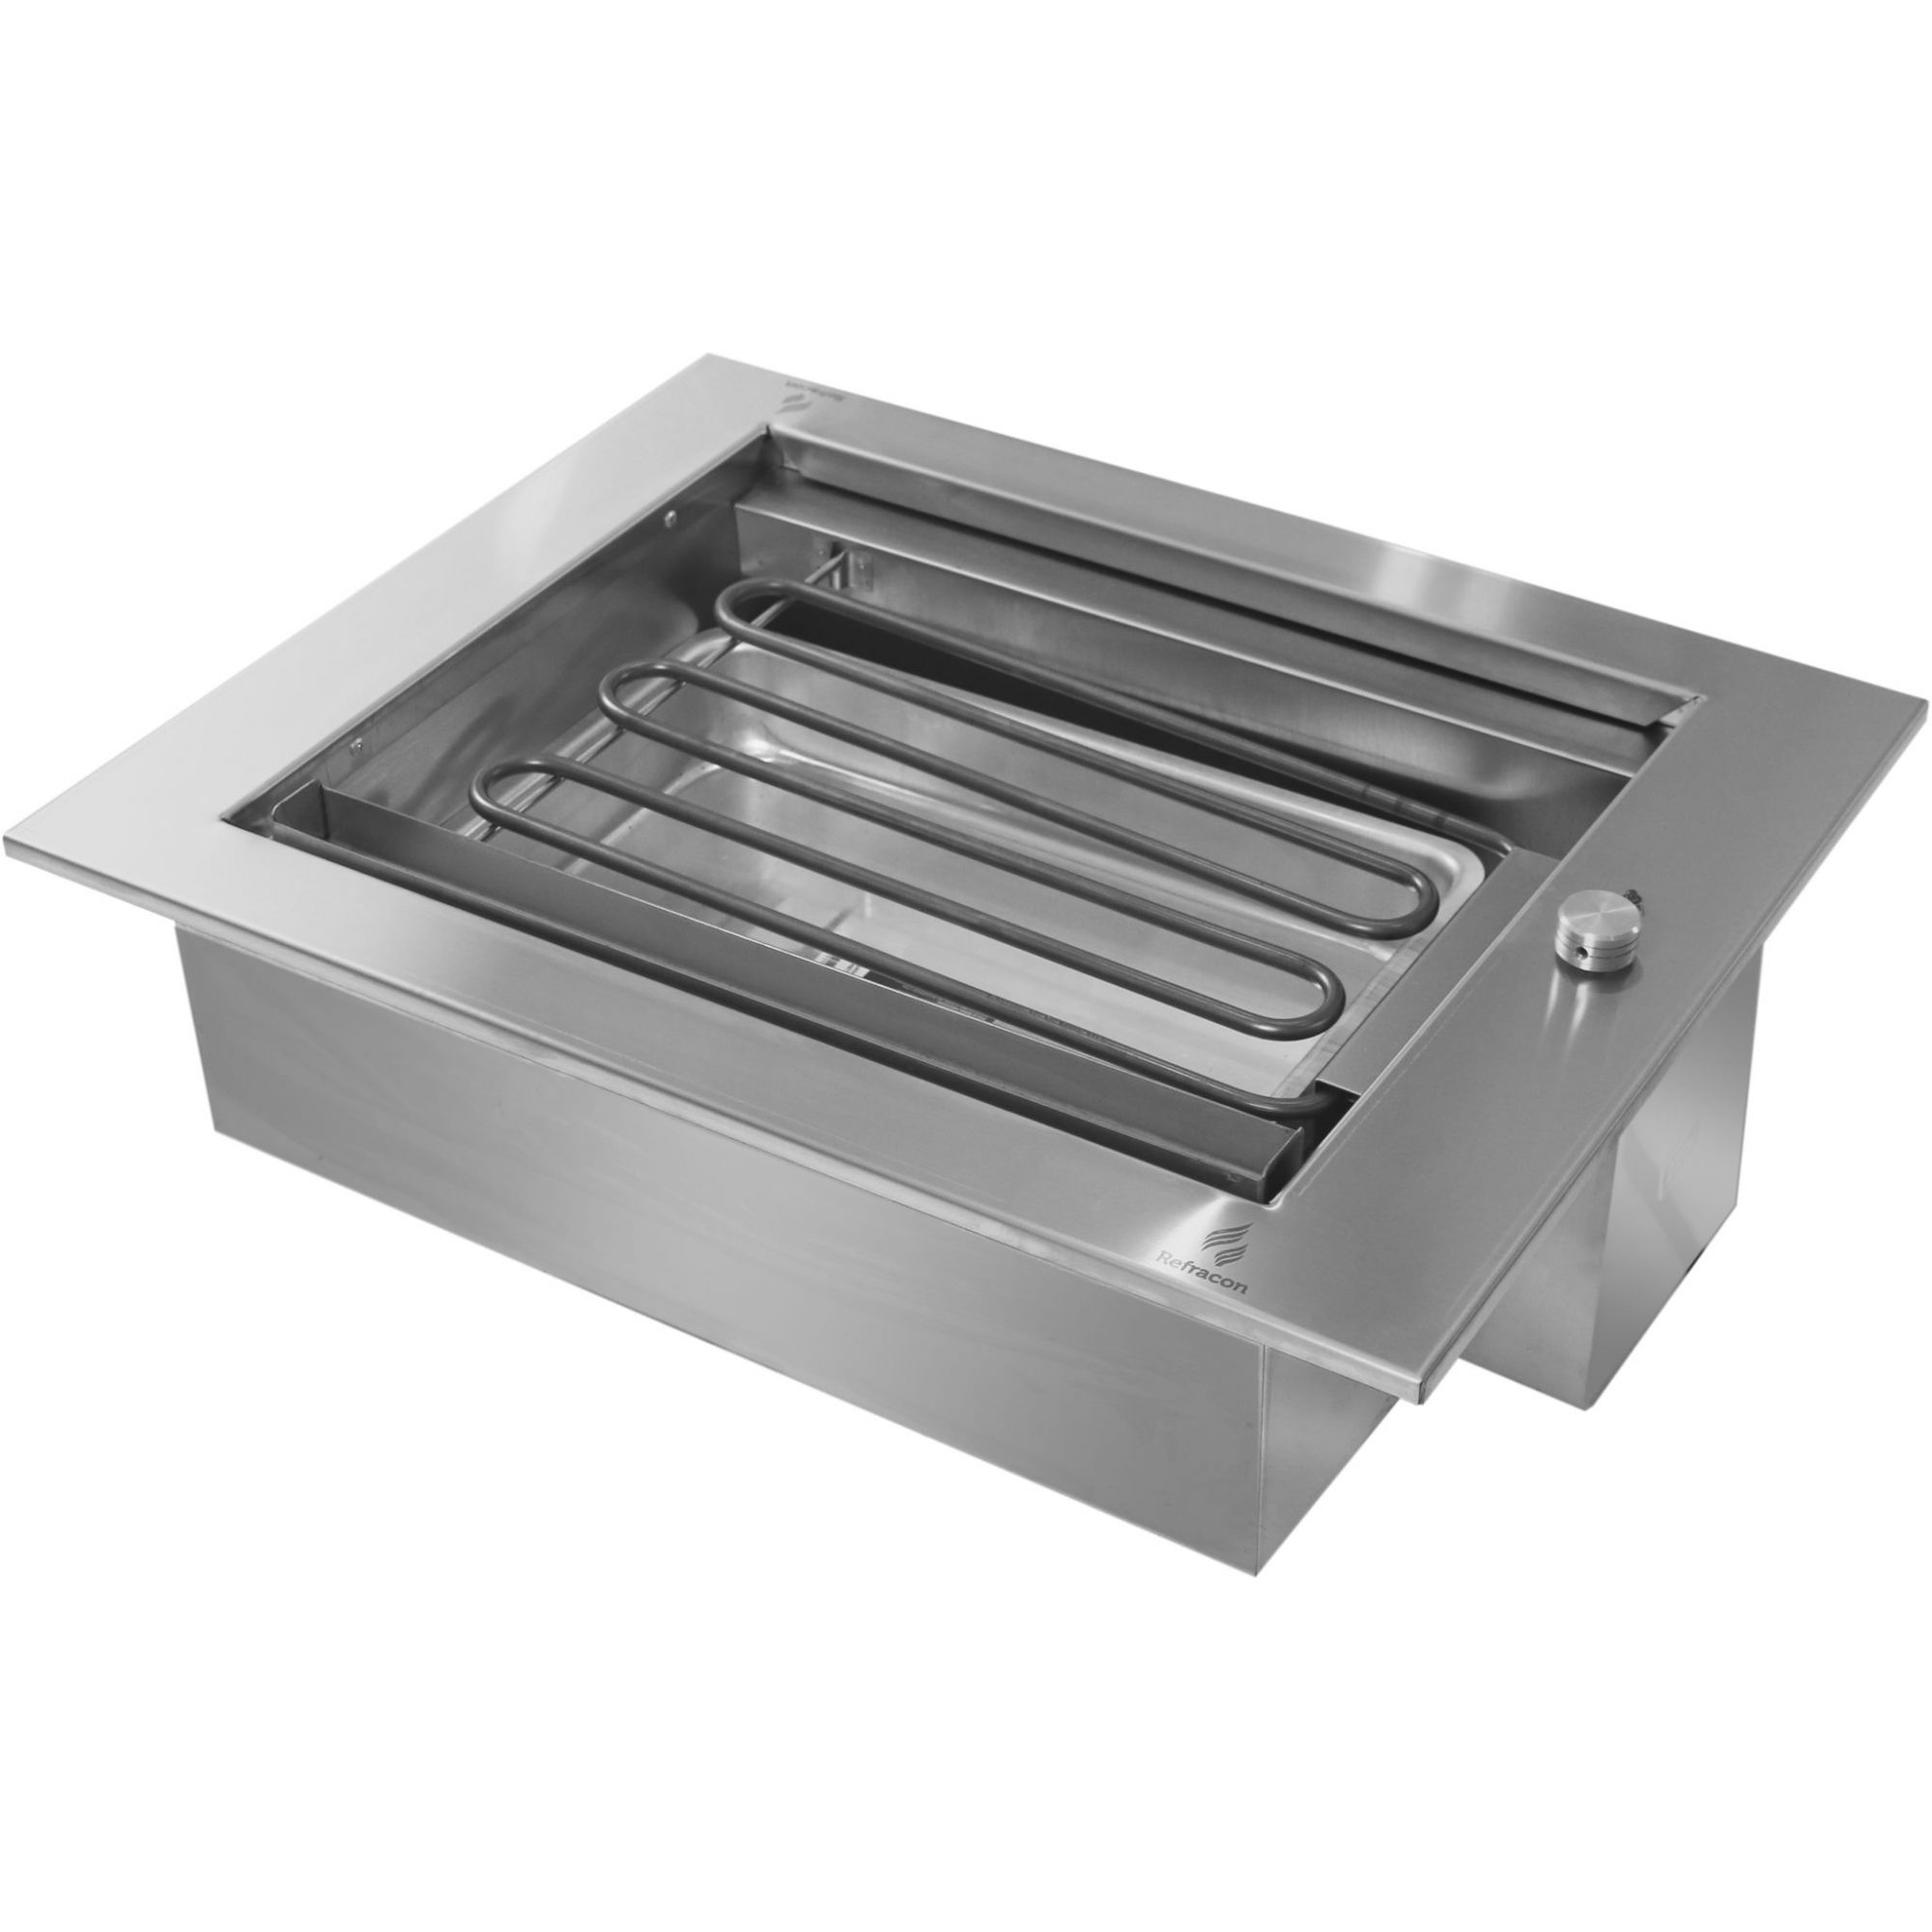 Churrasqueira Elétrica De Embutir Em Inox 304 - 110v 3000w